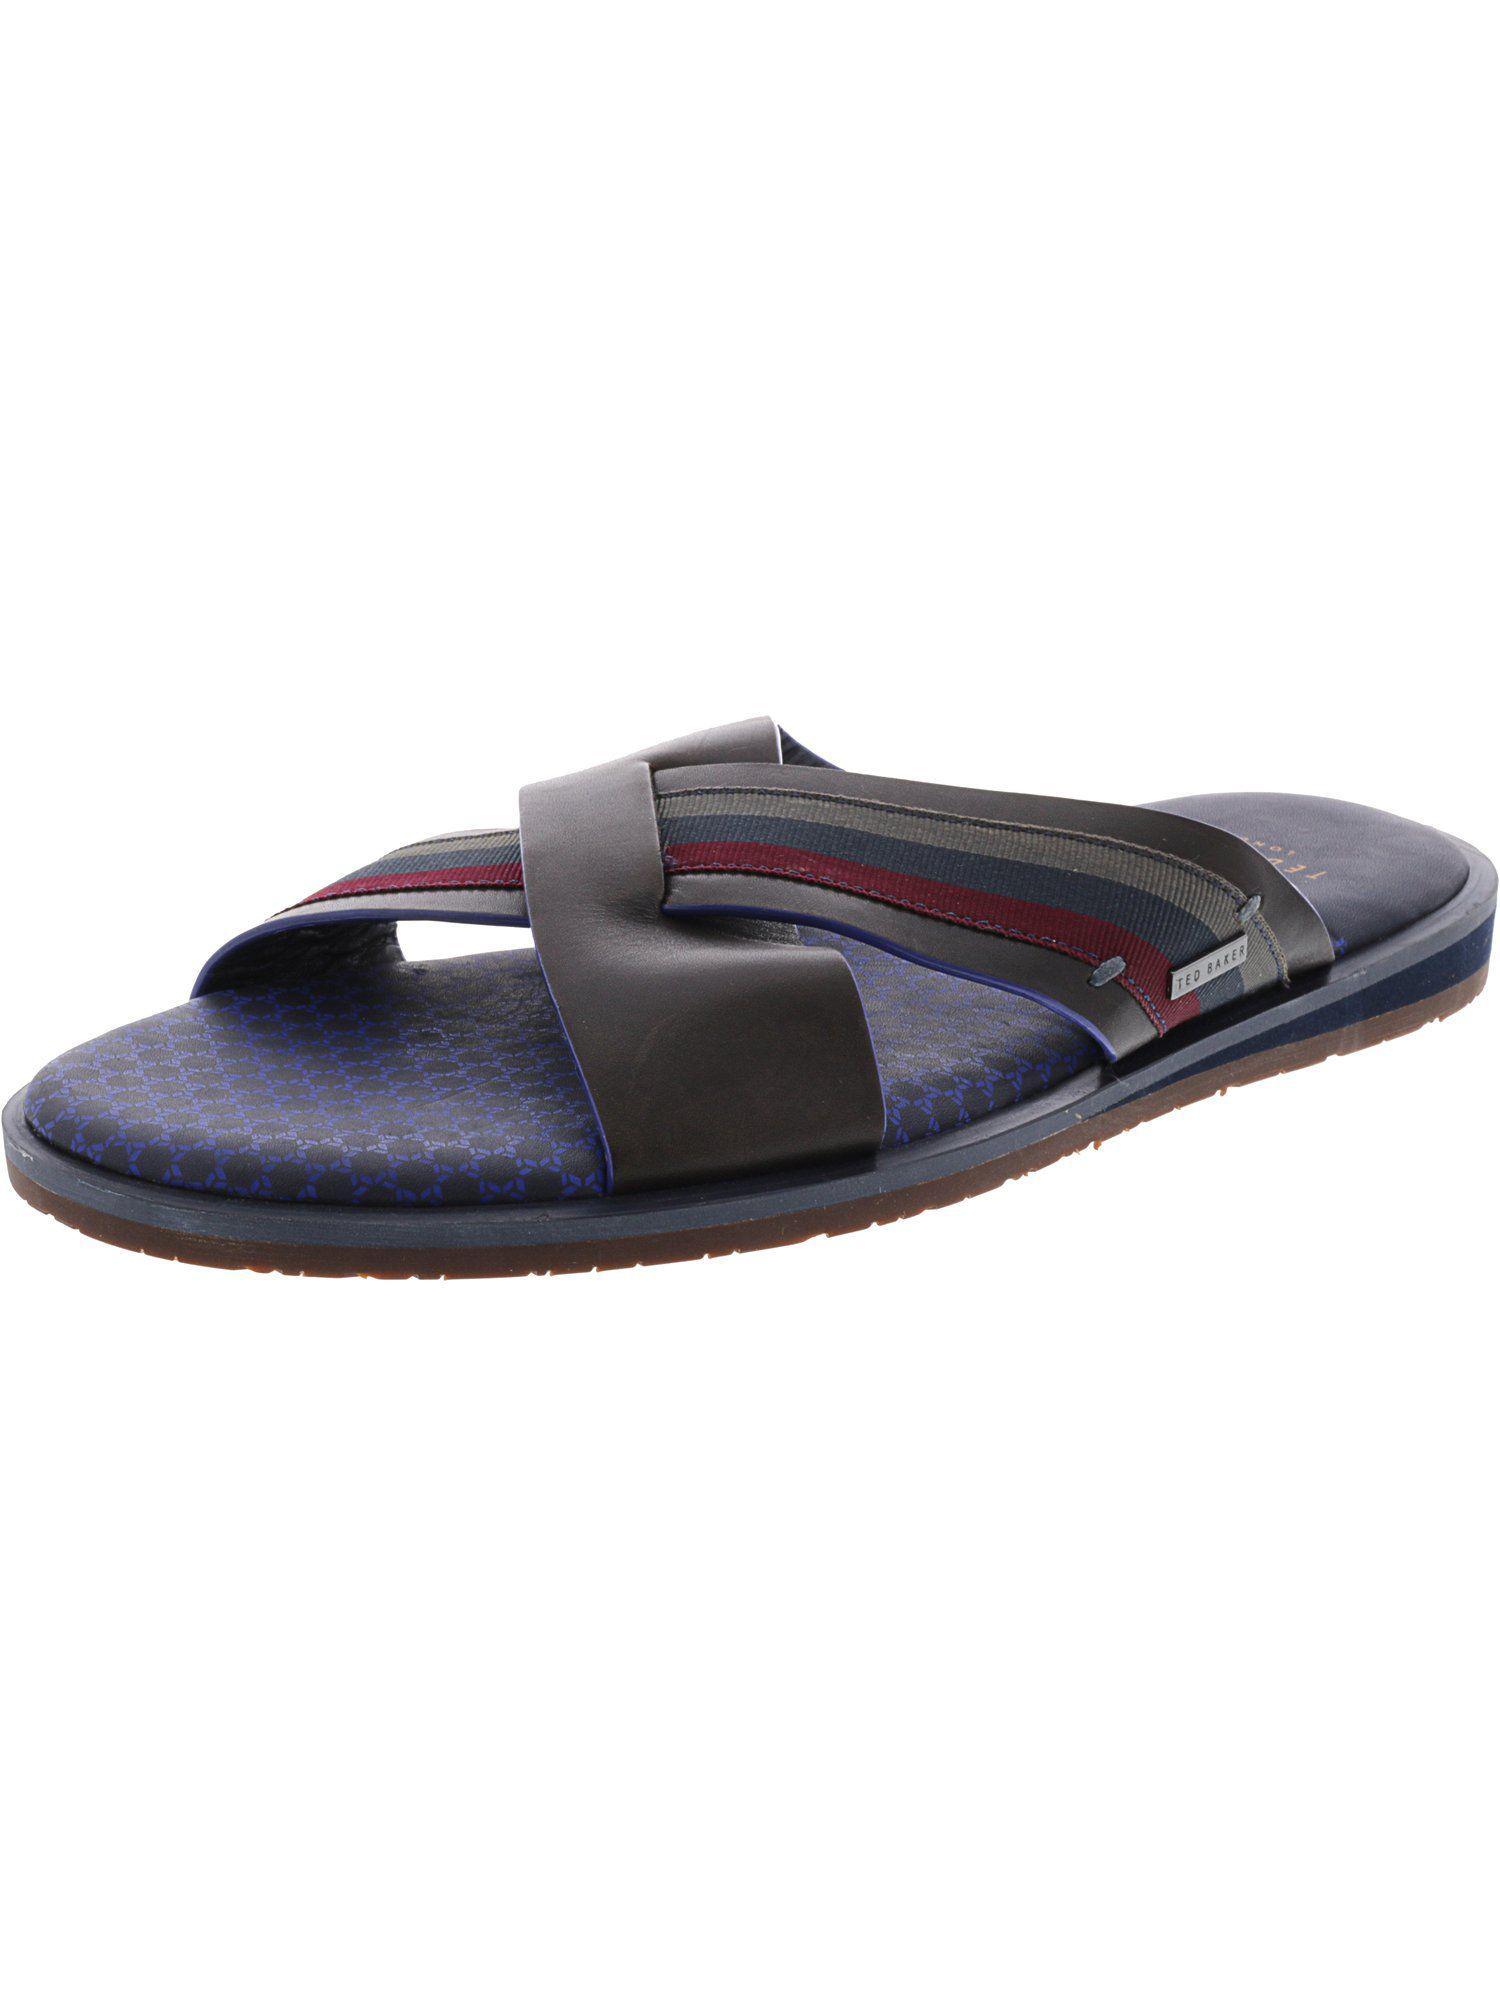 e02bcb7705e3 Lyst - Ted Baker Men s Farrull Sandal in Black for Men